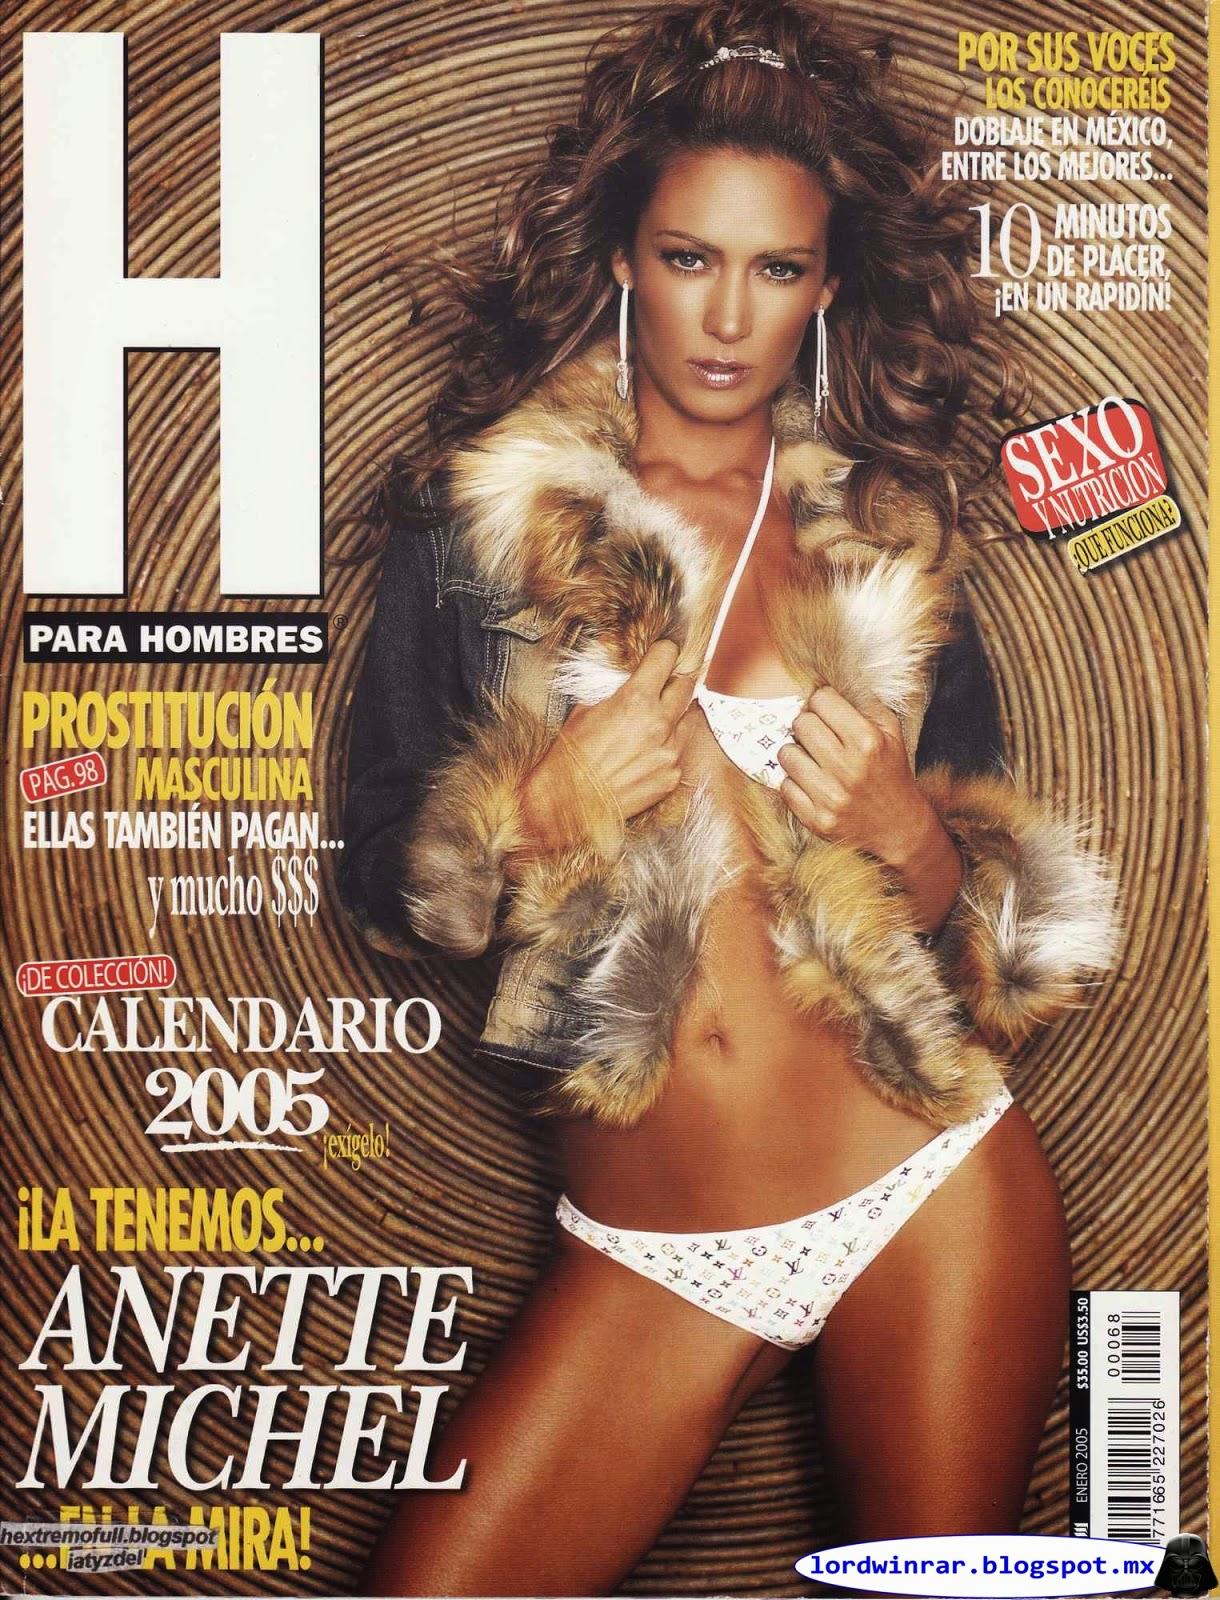 Anette Michel - H para Hombres 2005 Enero (14 Fotos)   Blog De Lord ...